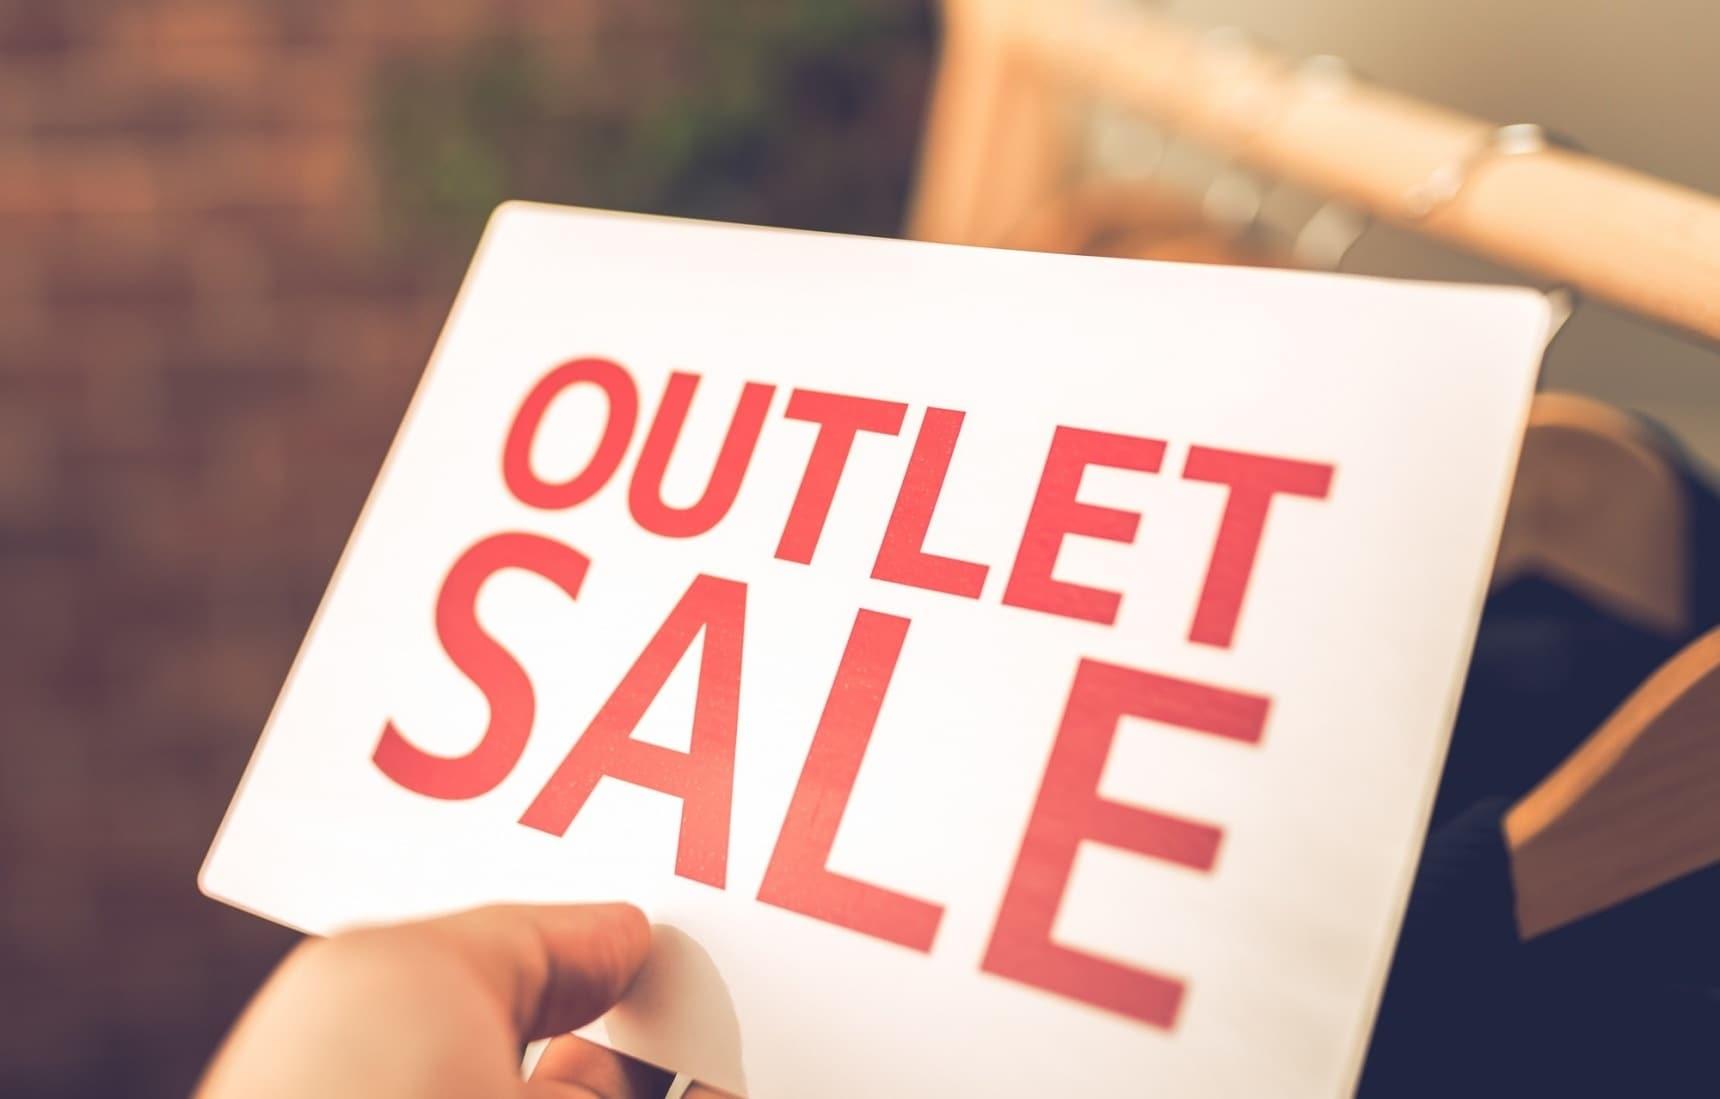 大買特買|來日本Outlet掃貨一次掌握! 精選10大購物中心讓你買到剁手